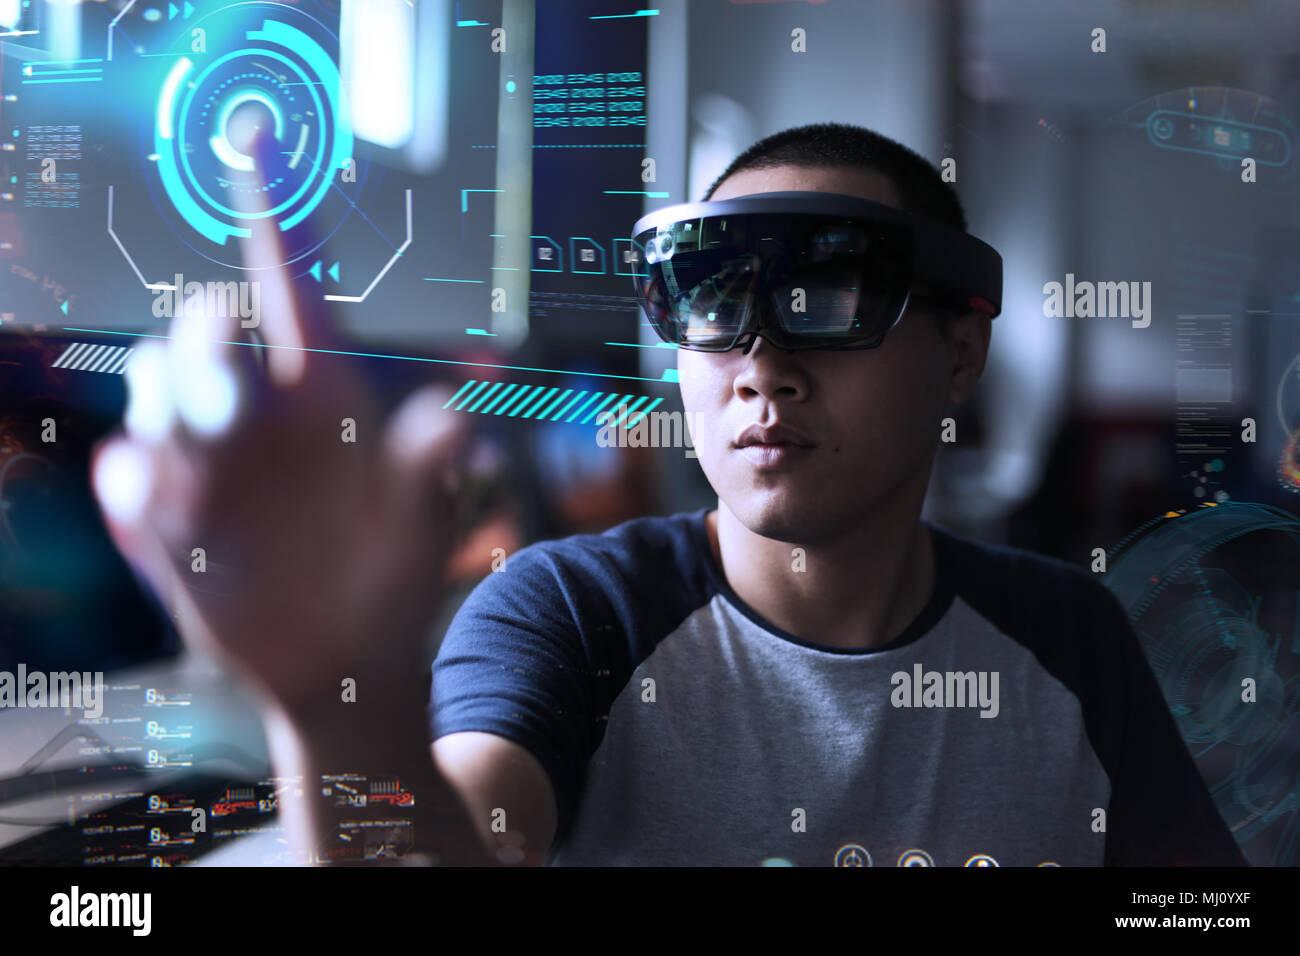 Comment jouer à Magic | réalité virtuelle à l'hololens dans le laboratoire Photo Stock